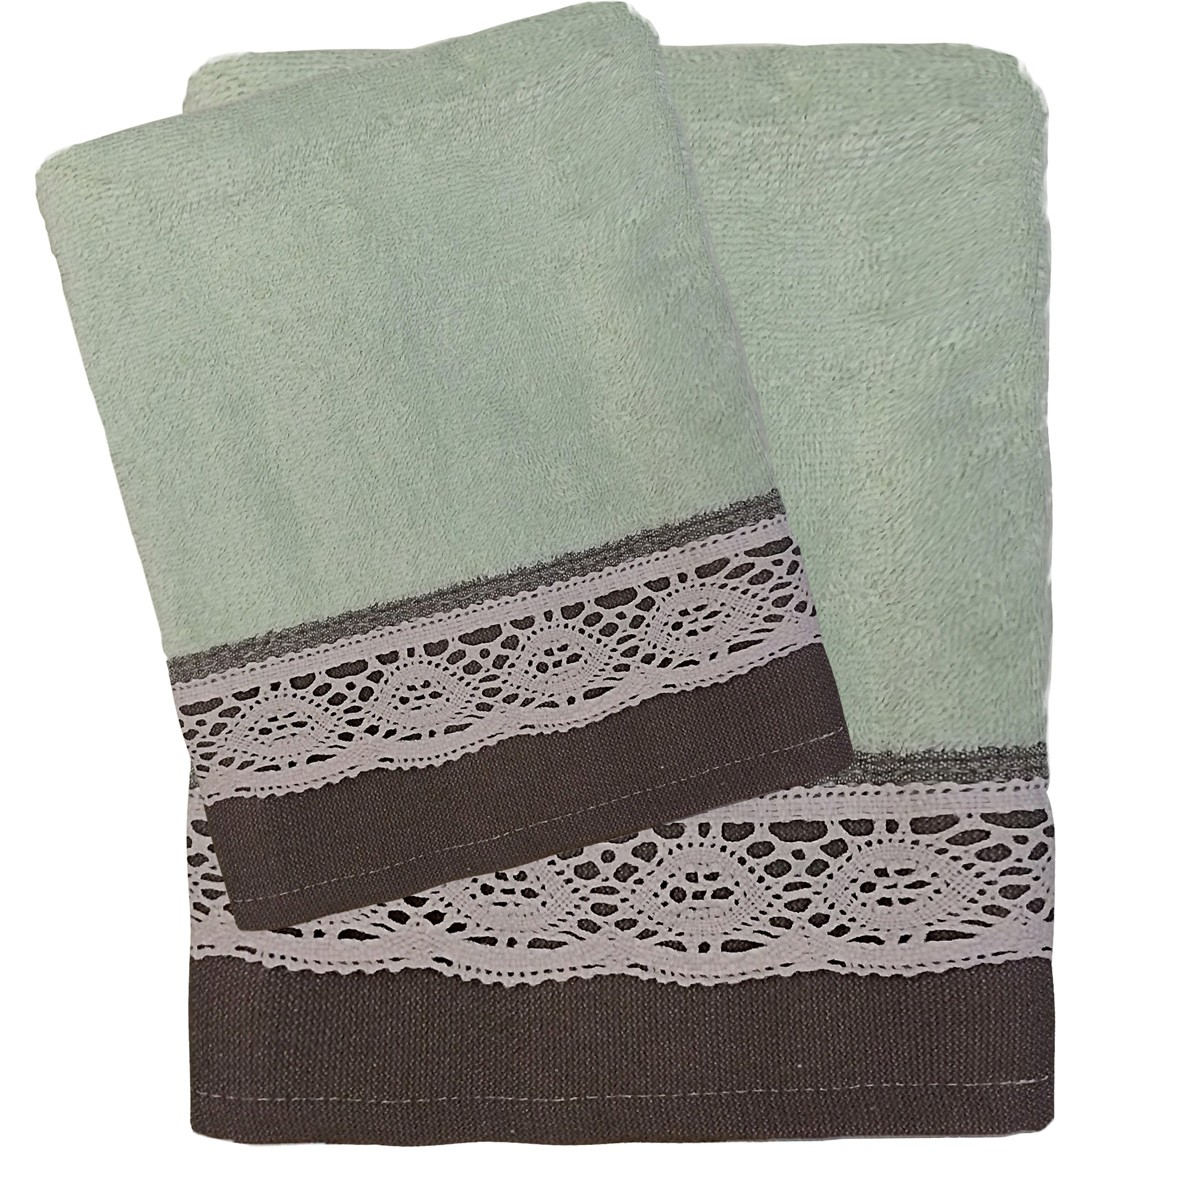 Πετσέτες Μπάνιου (Σετ 3τμχ) Das Home Happy Line 341